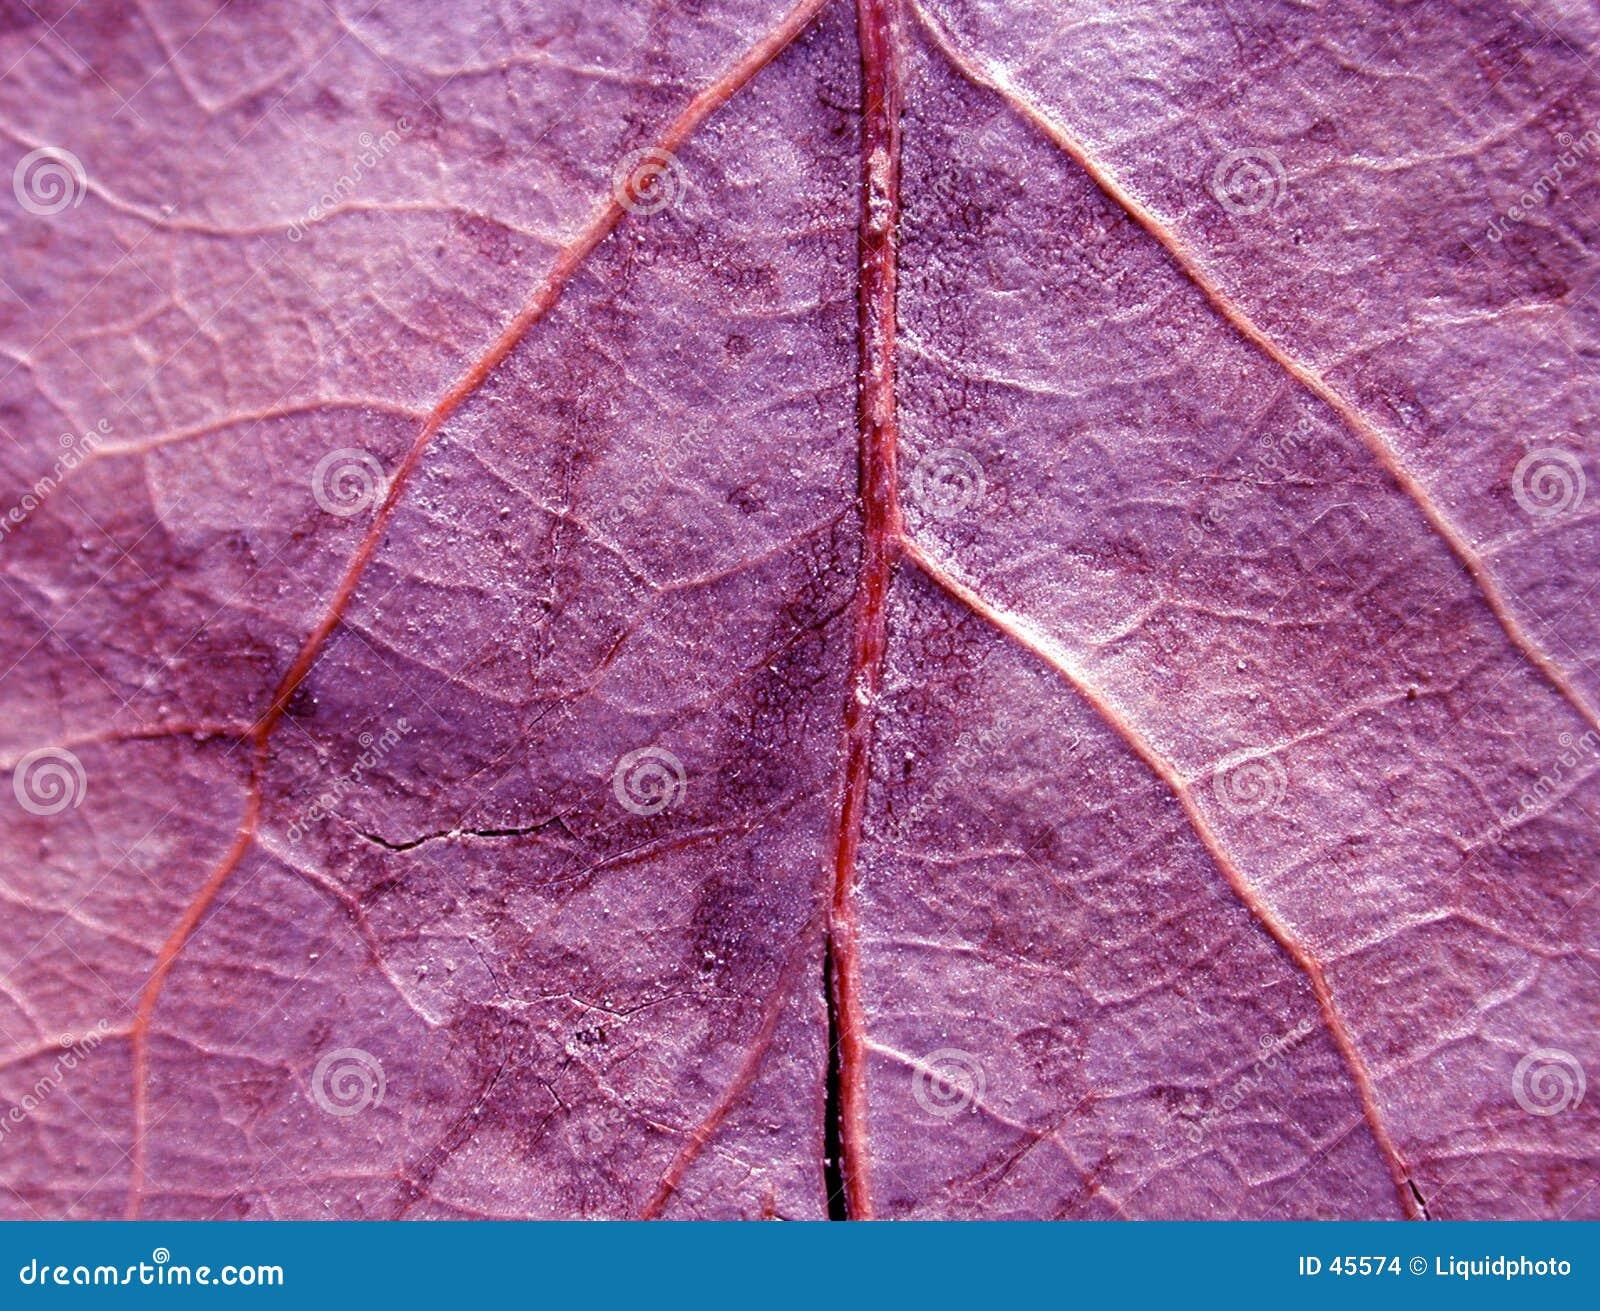 Purple Leaf Texture